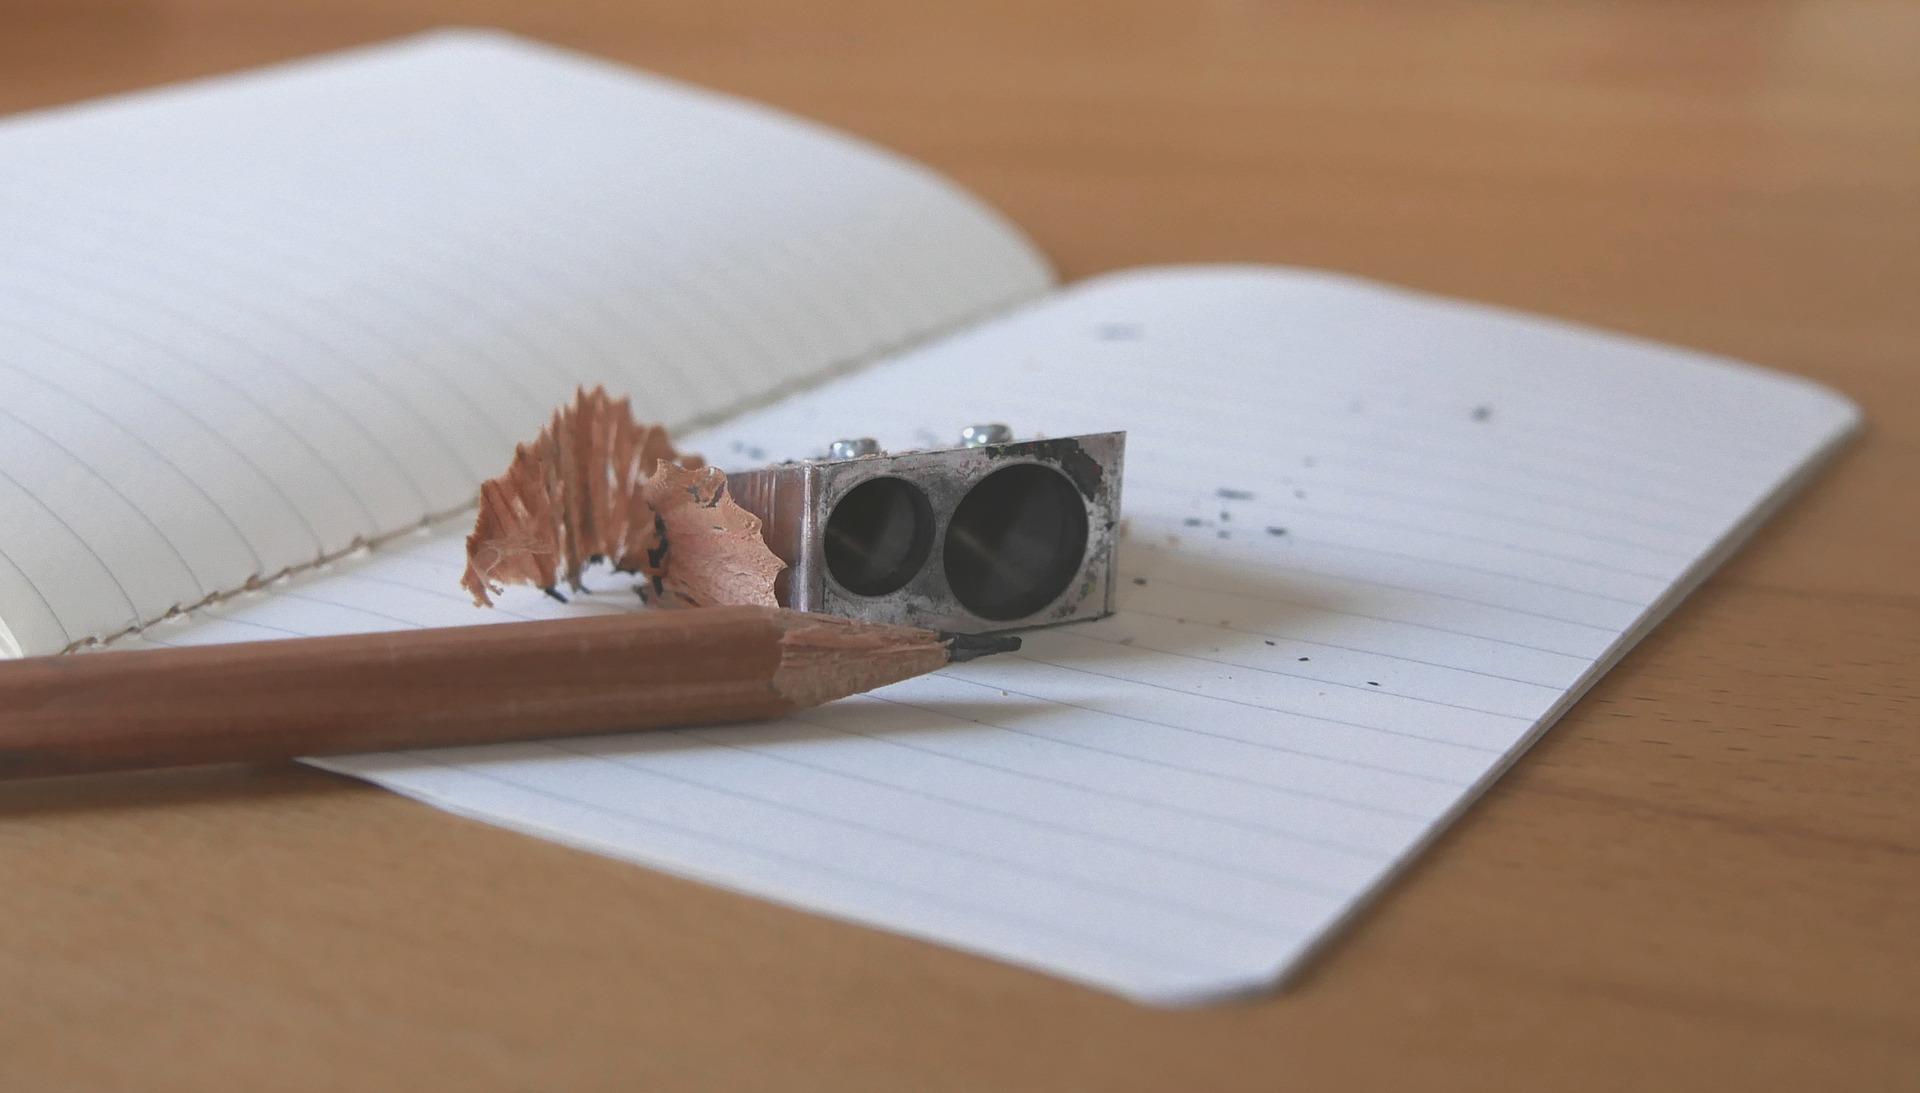 Cuaderno abierto con lapicero y sacapuntas